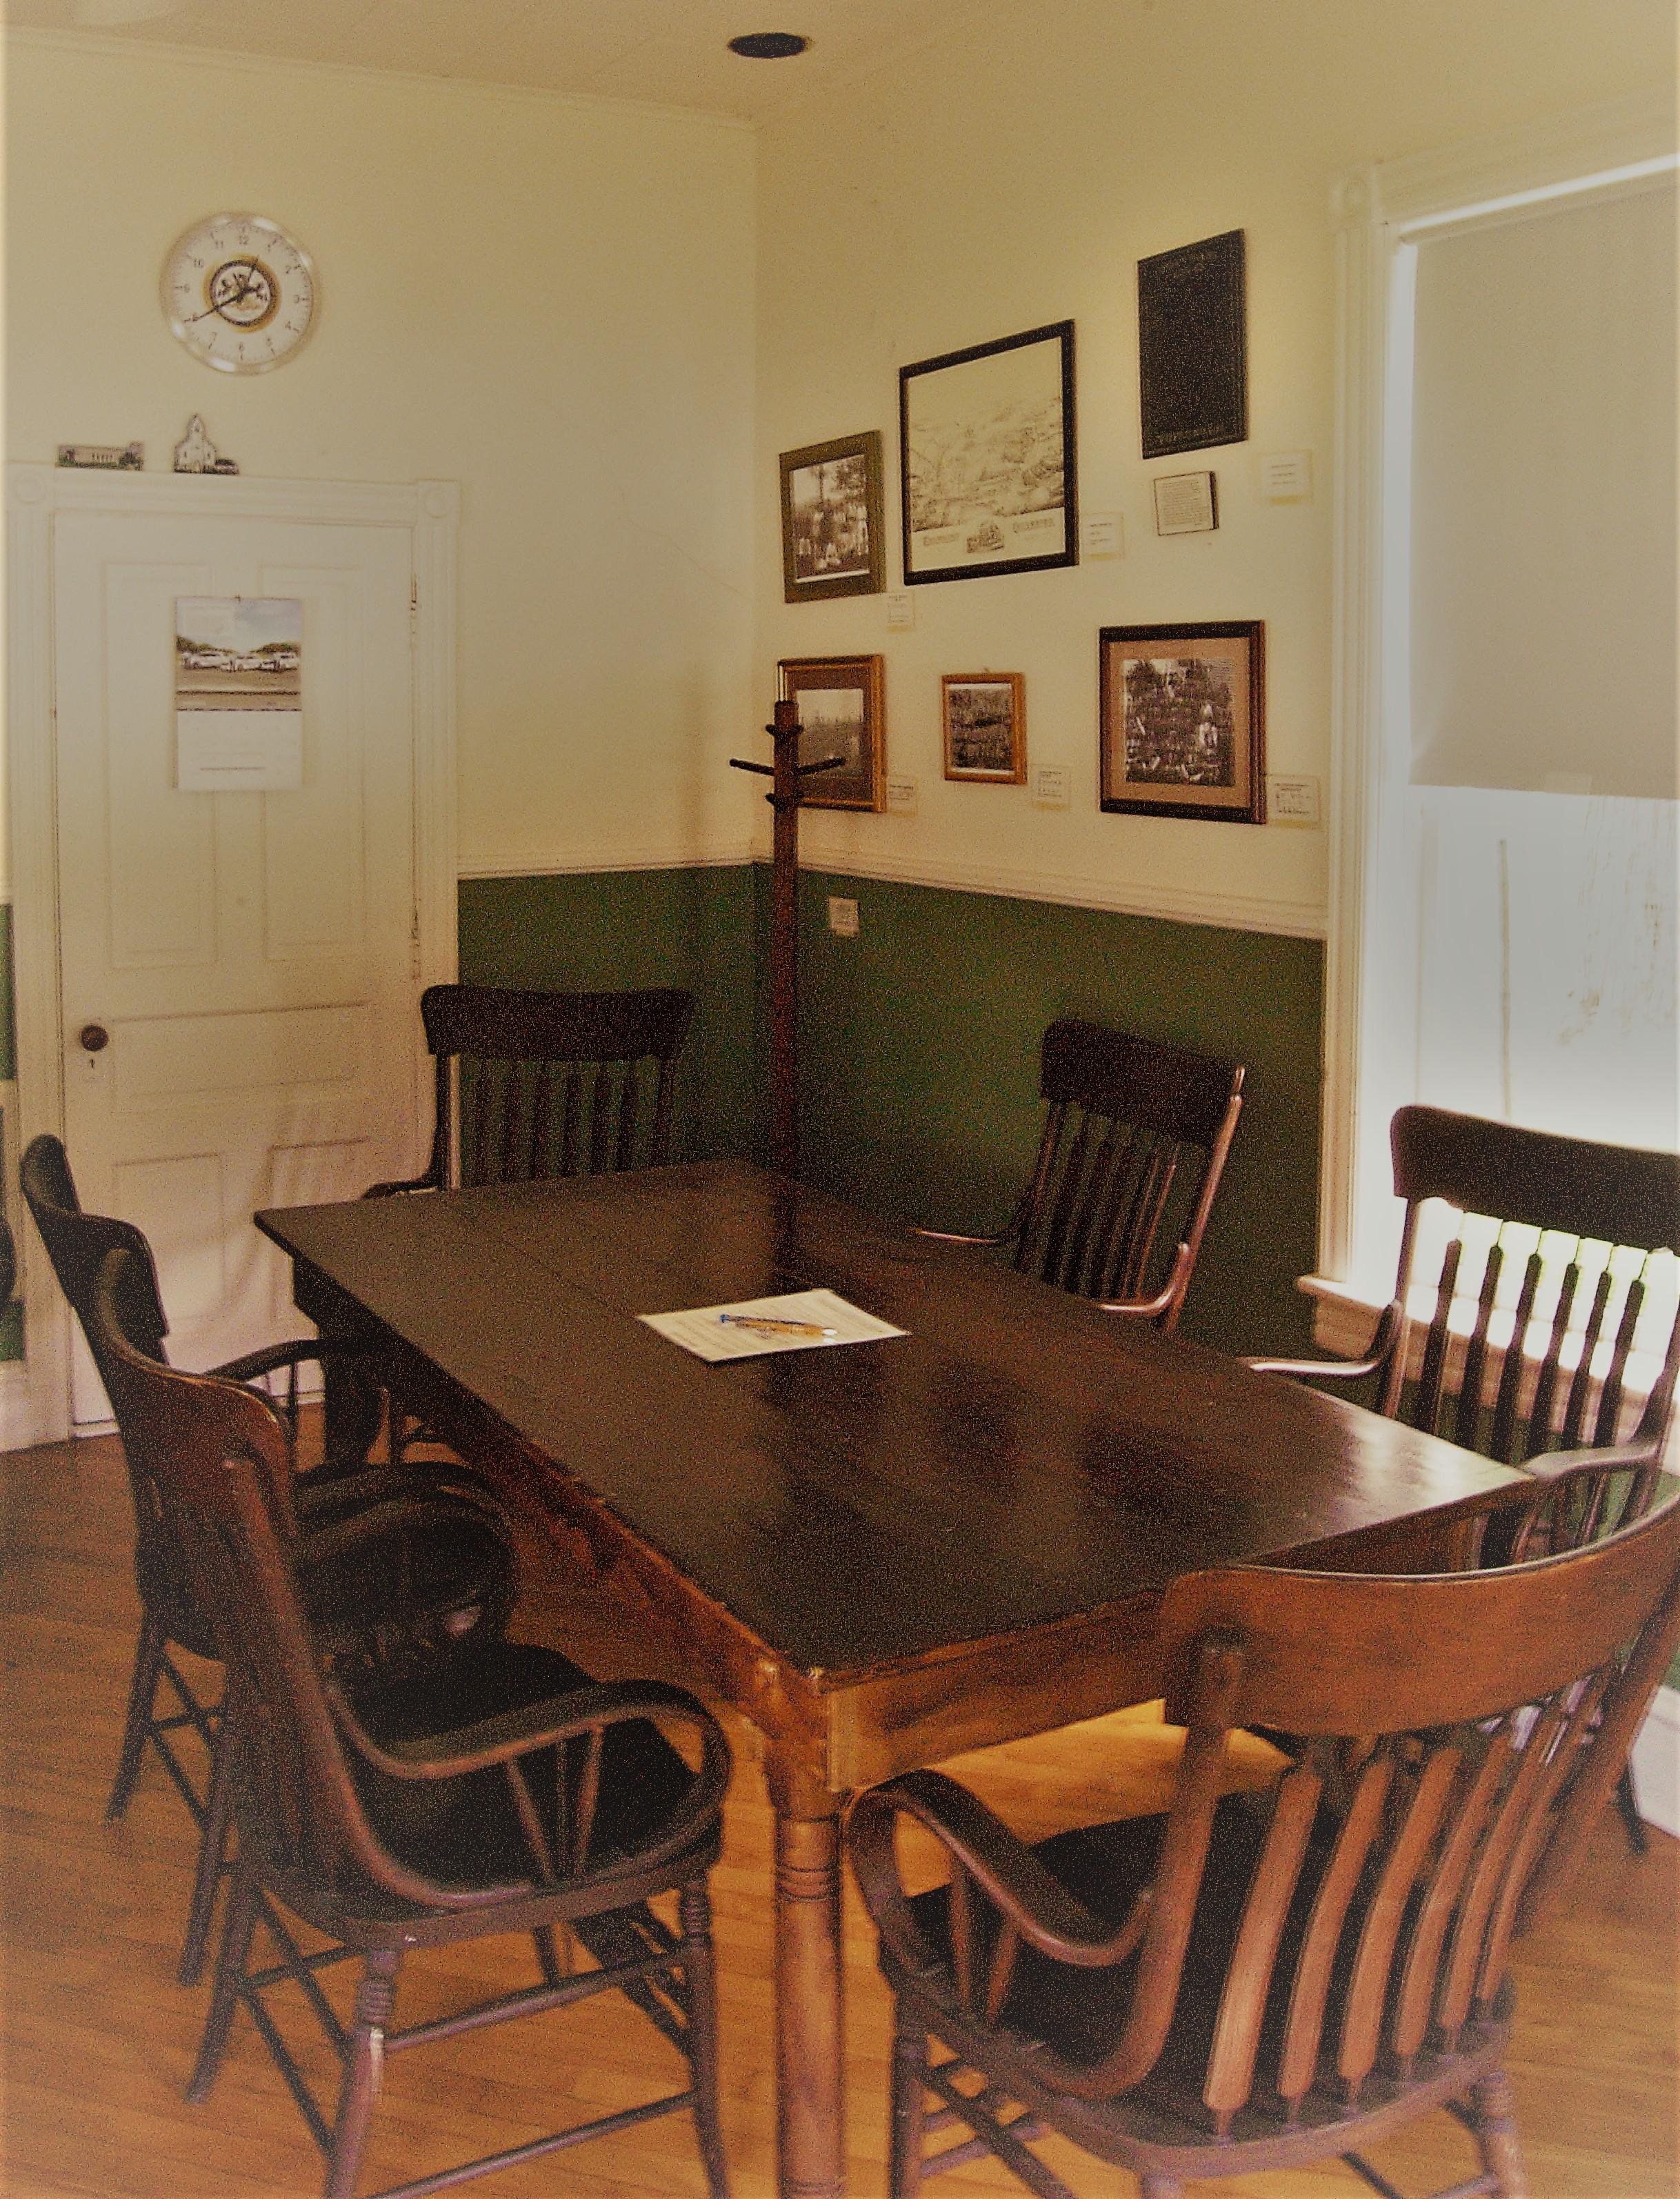 Chapman Borough Hall - Meeting Room